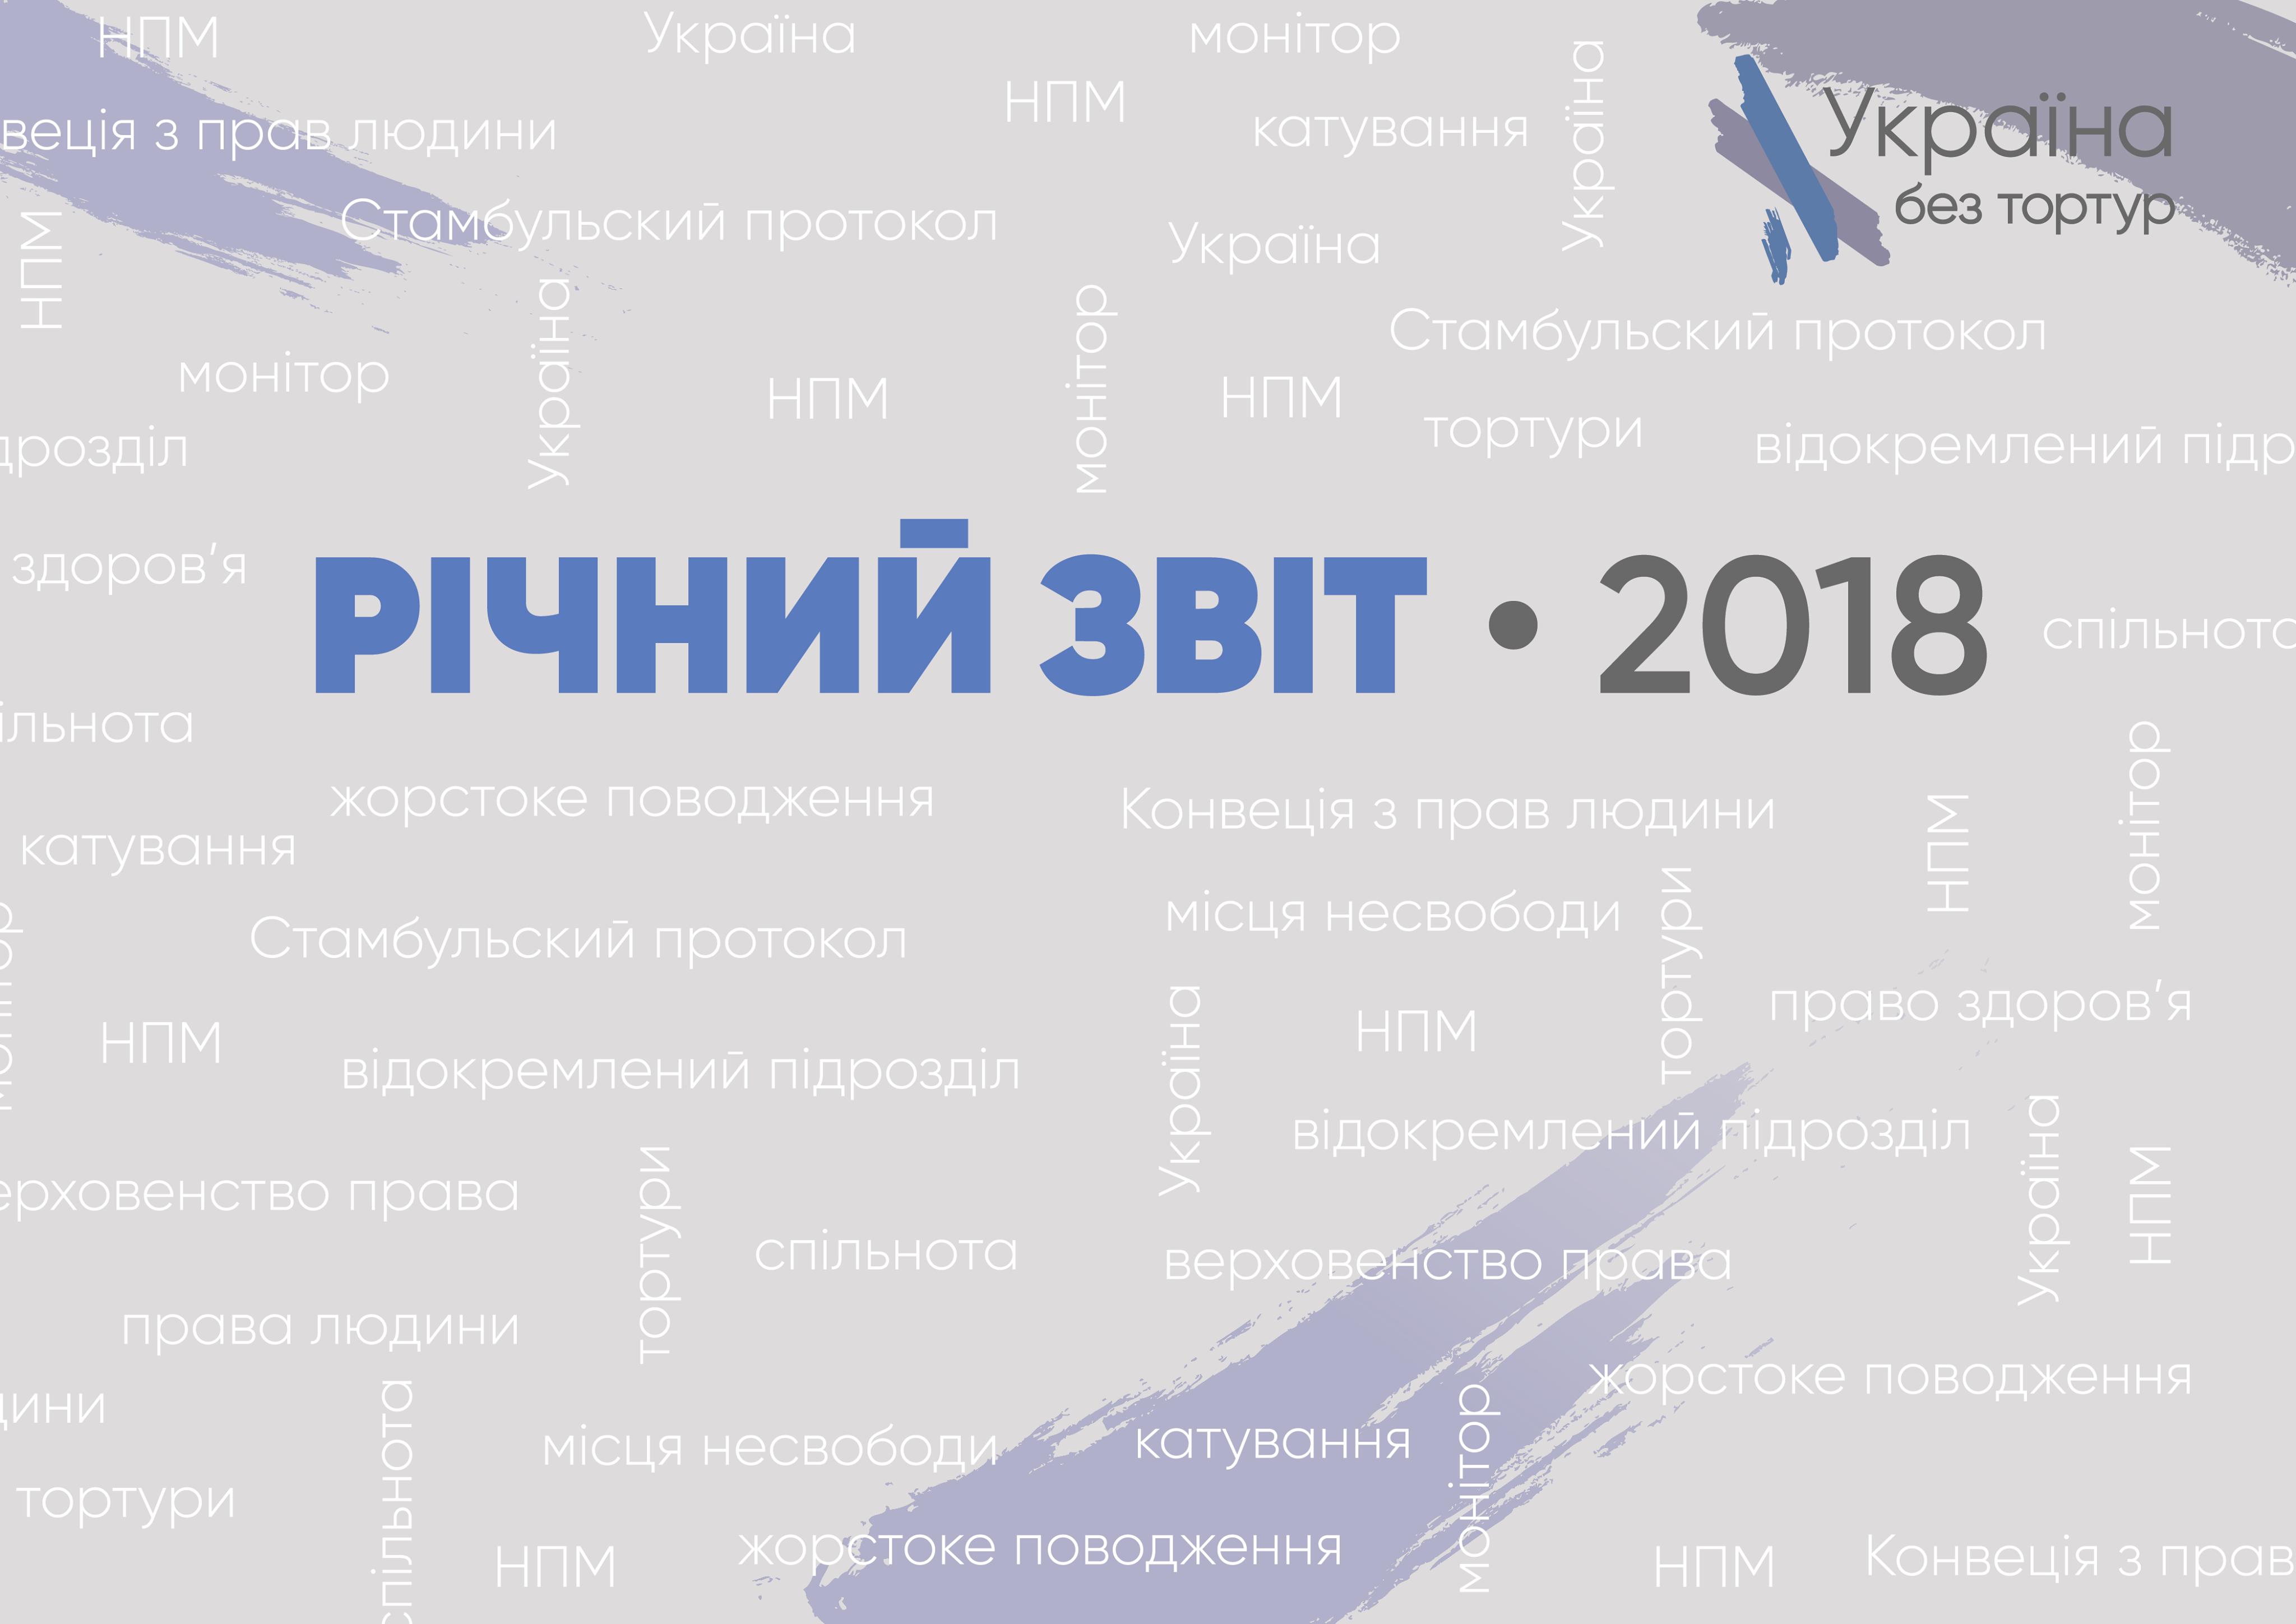 """Річний звіт громадської організації """"Україна без тортур"""" за 2018 рік"""